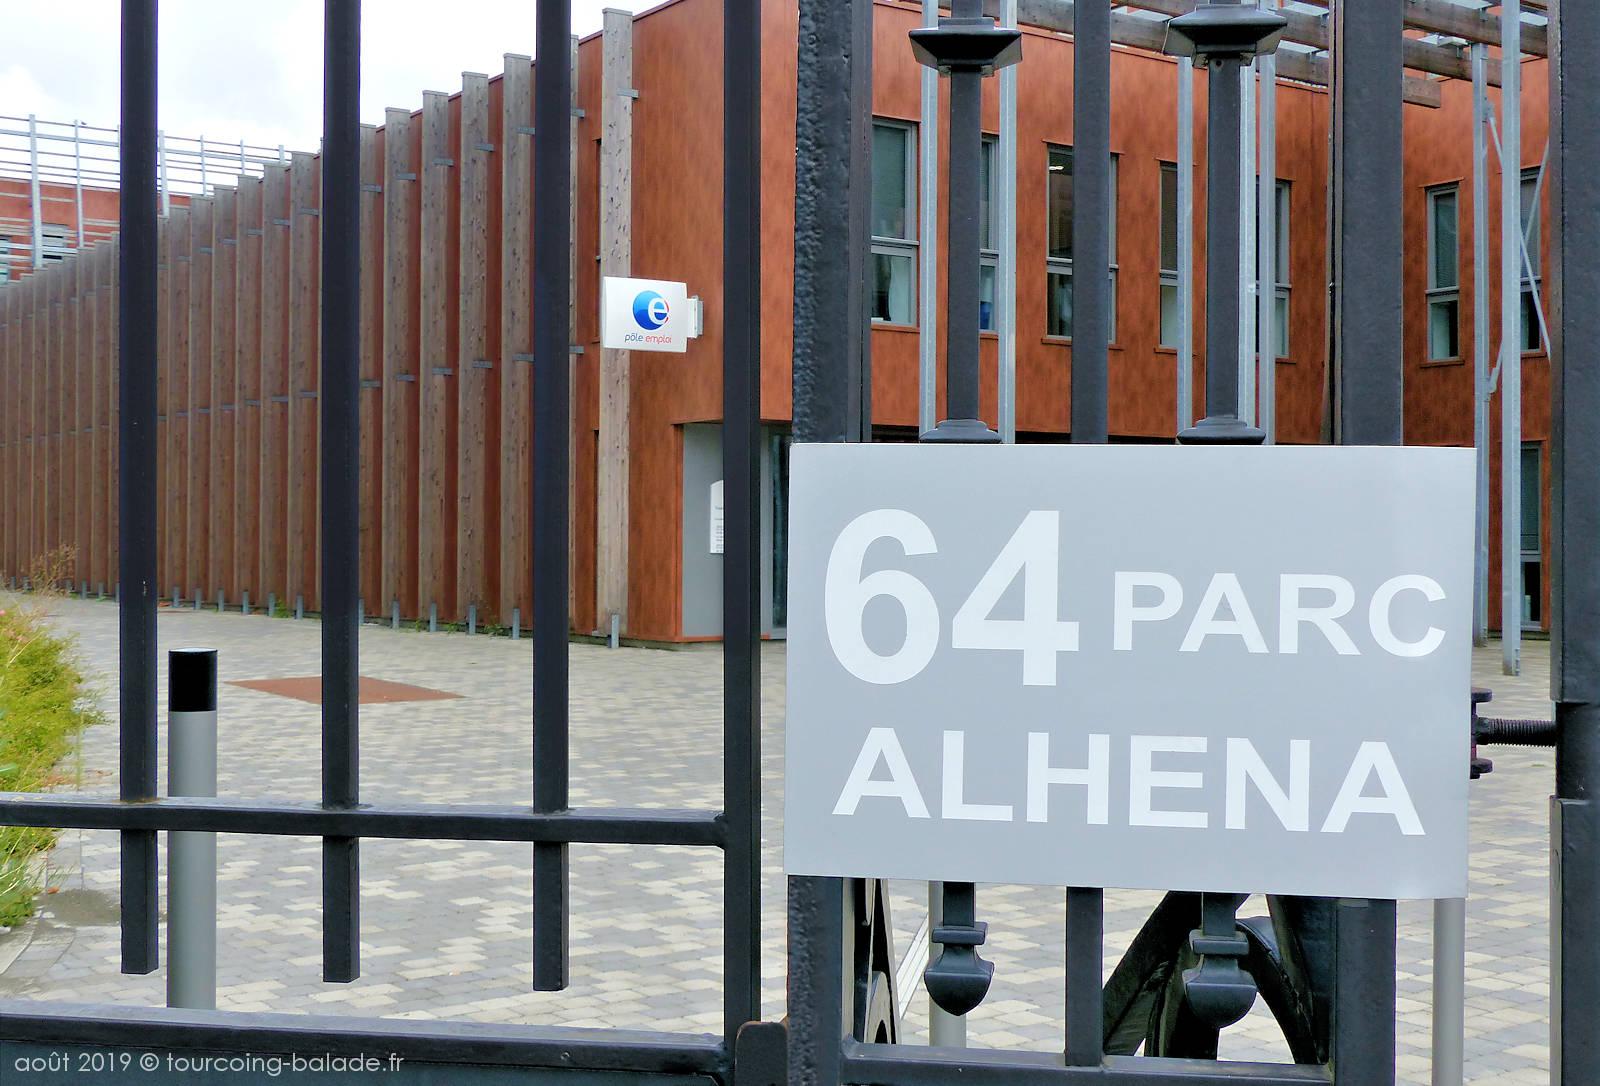 Parc Alhena Tourcoing - Pôle Emploi